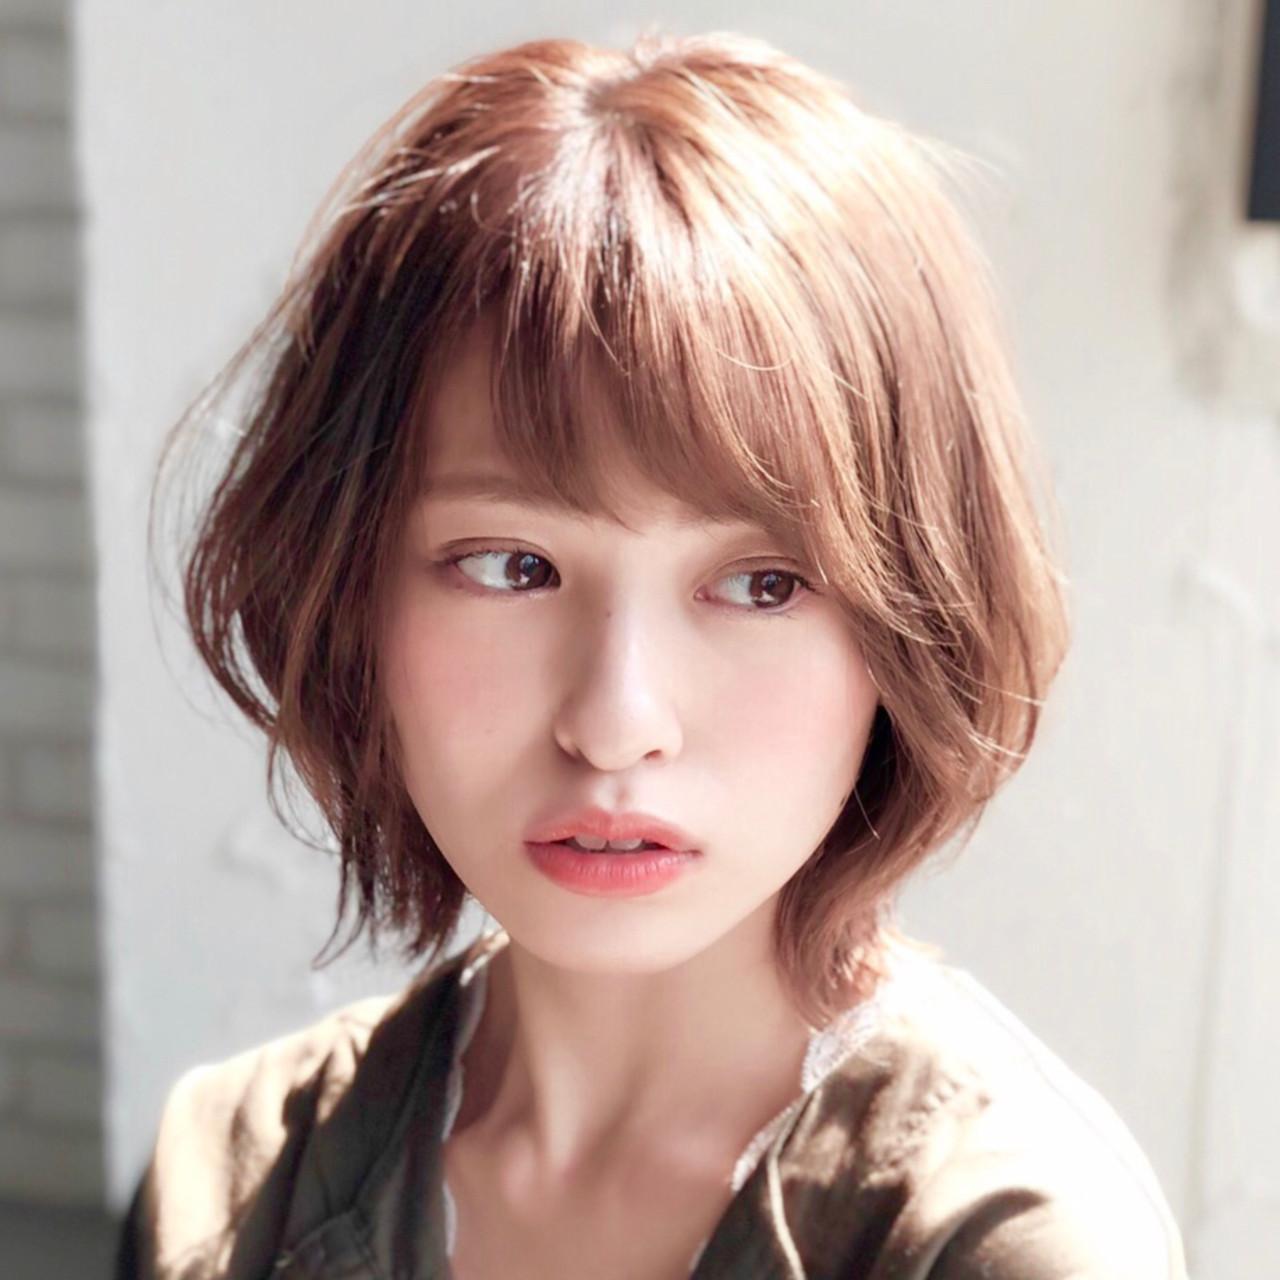 小顔ショート ひし形 簡単ヘアアレンジ ショート ヘアスタイルや髪型の写真・画像